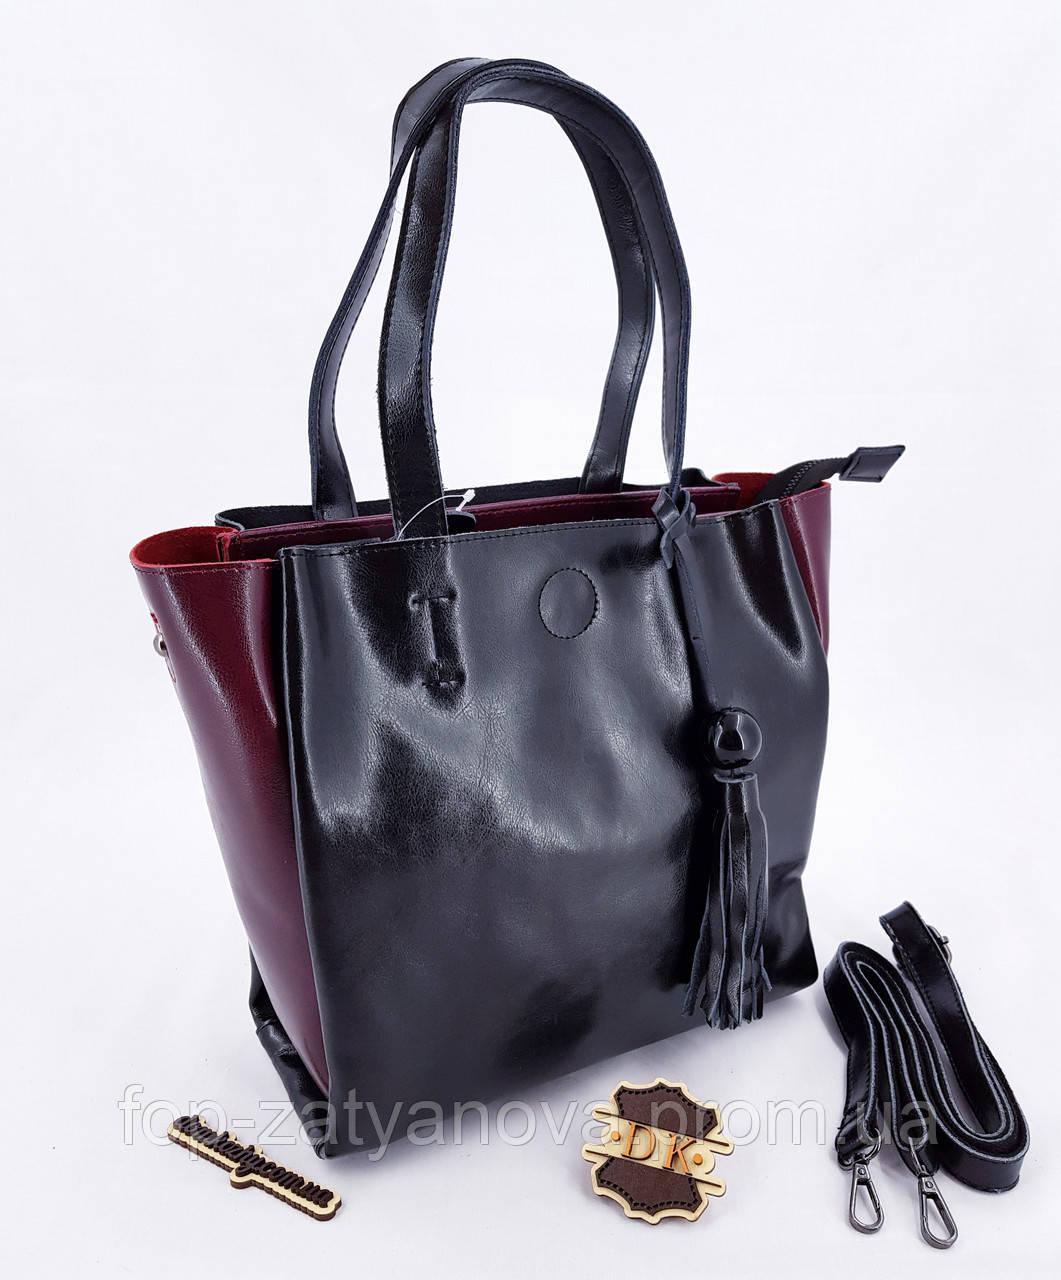 2d9f94388d85 ЛИКВИДАЦИЯ Женская кожаная сумка двухцветная 29*13*28 см (натуральная кожа)